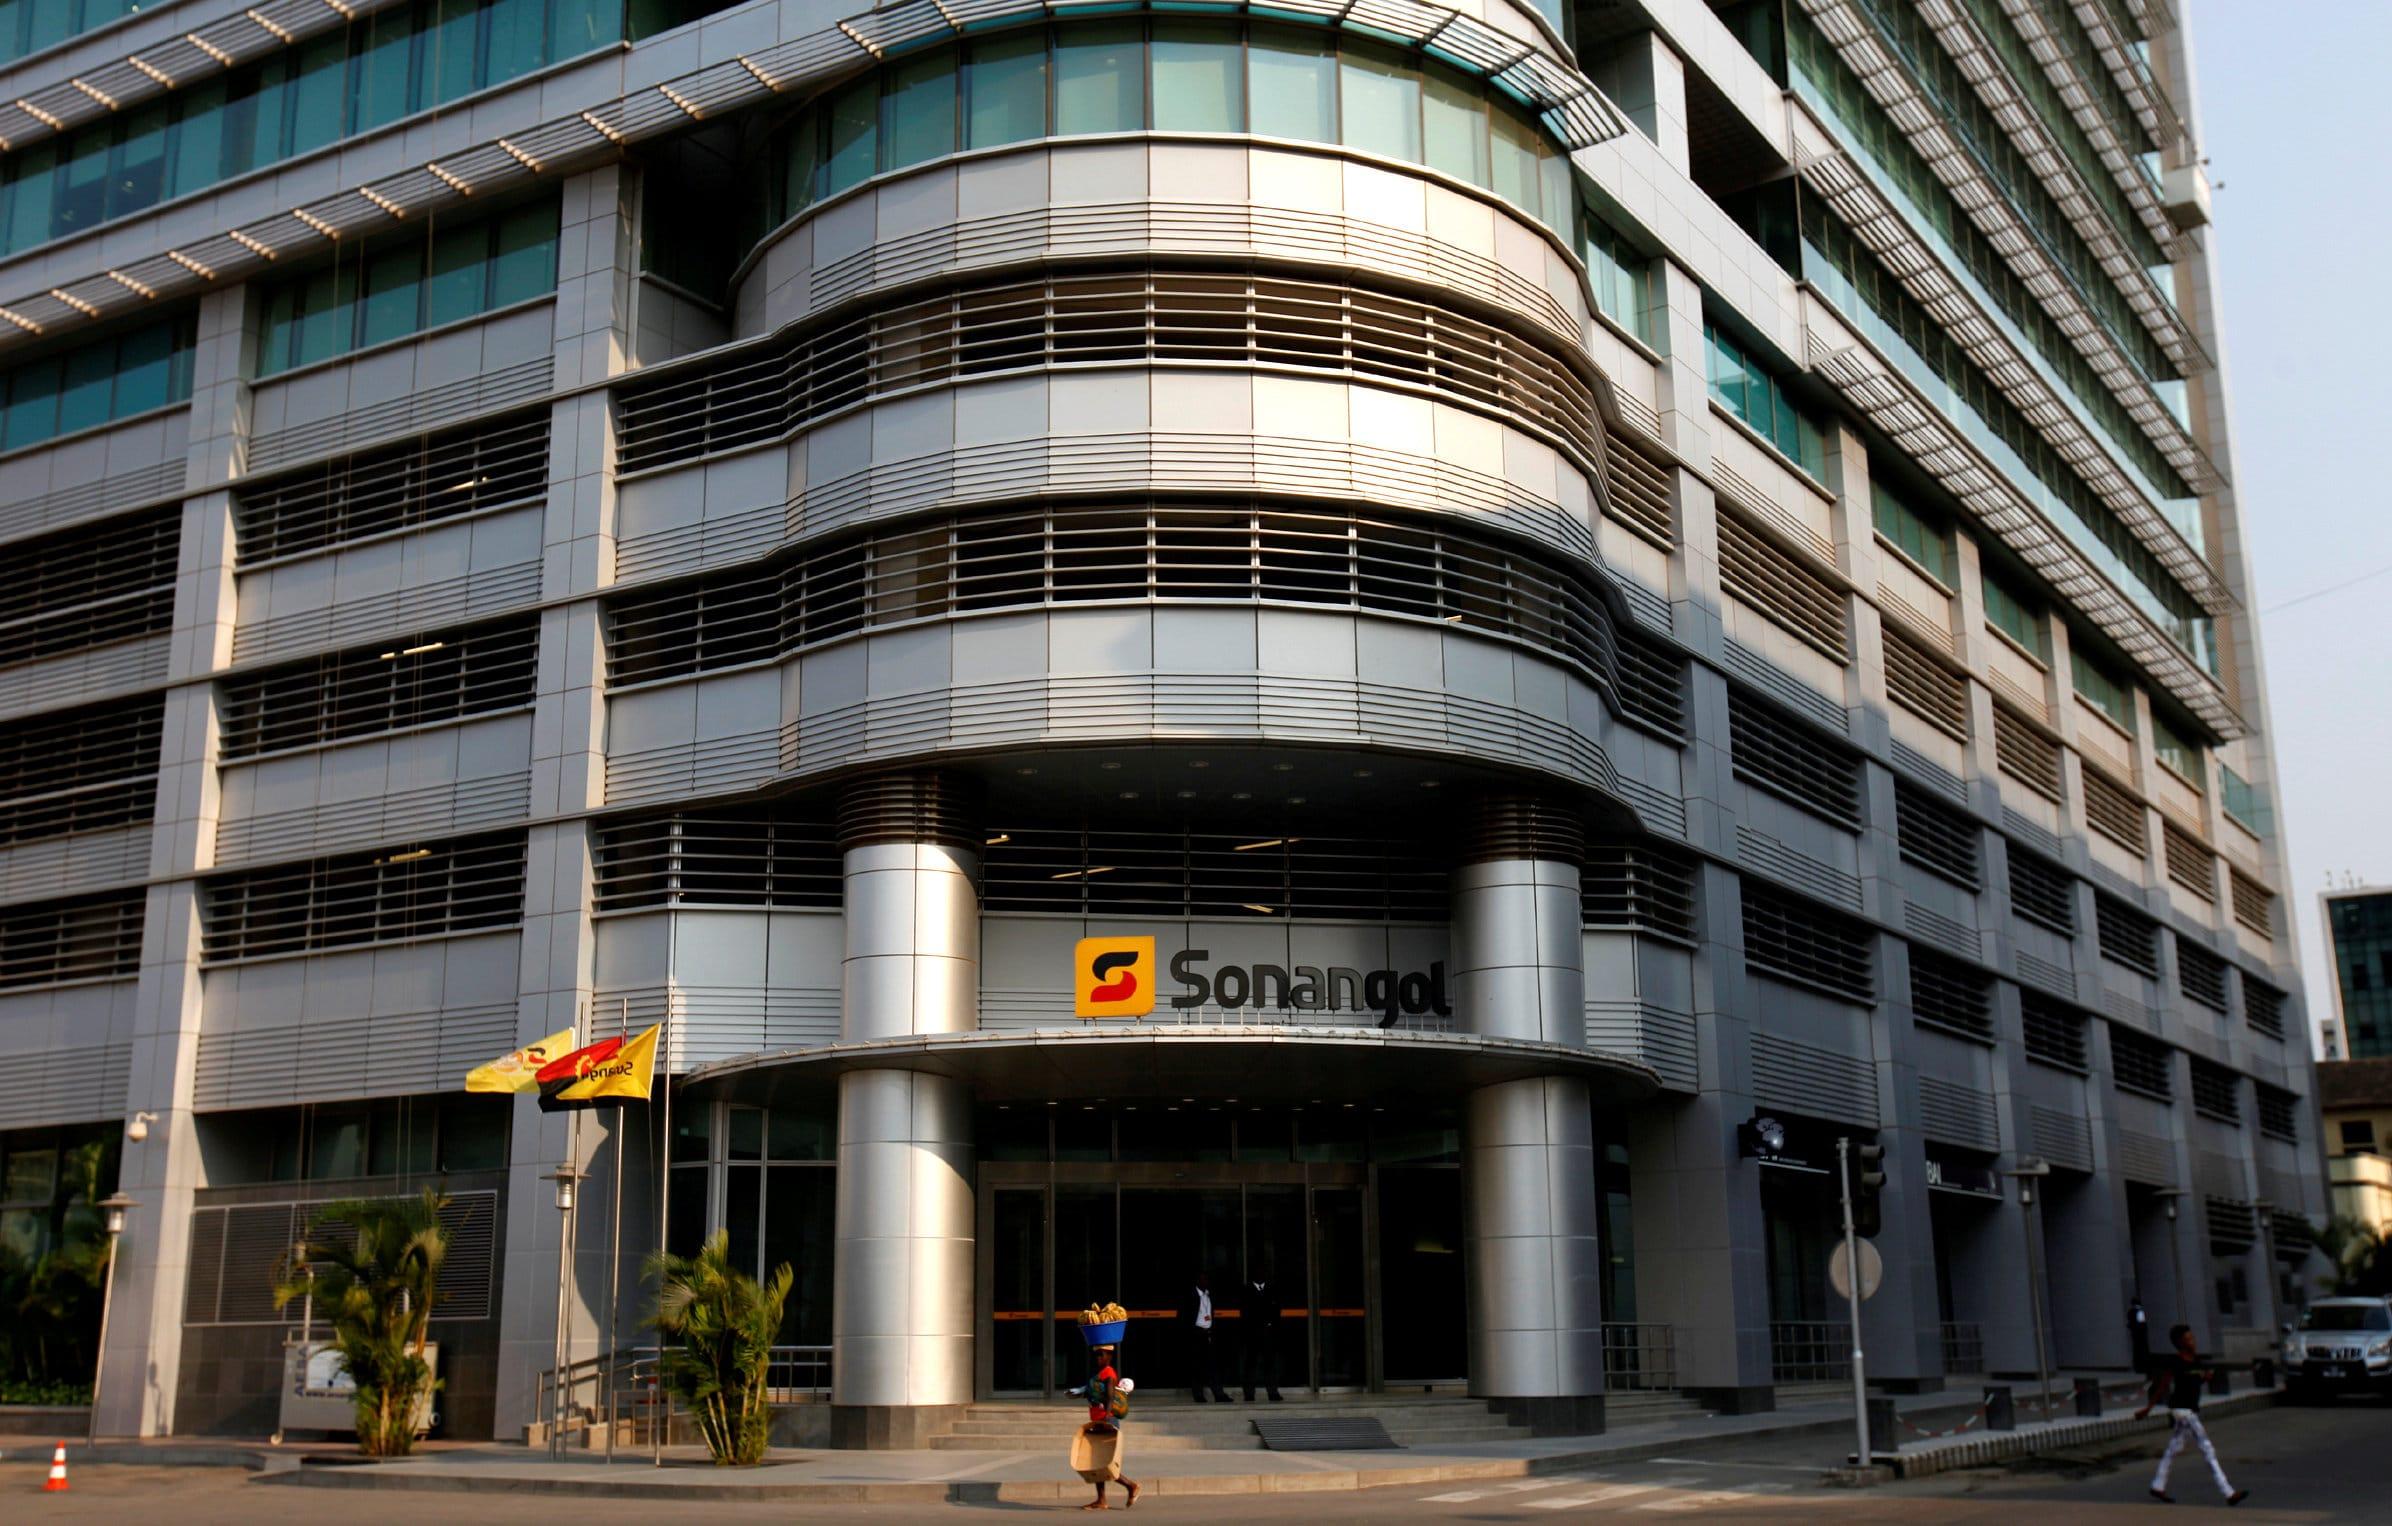 sonangol deixa de ser concessionária nacional - Sonangol  - Sonangol deixa de ser concessionária nacional